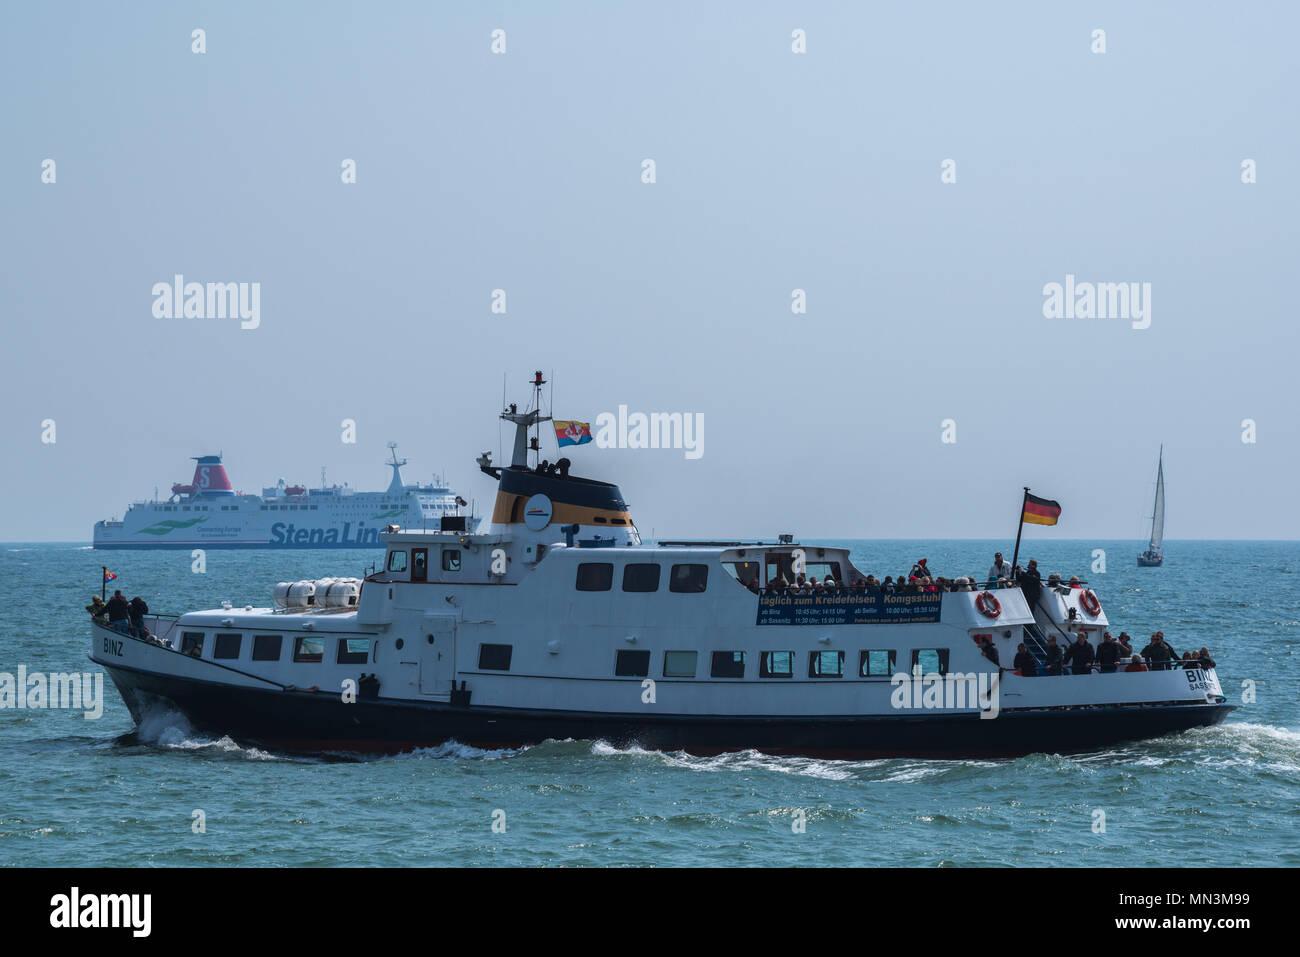 Ausflugsschiff auf der Ostsee vor der Insel Rügen, Mecklenburg-Vorpommern, Deutschland Stock Photo